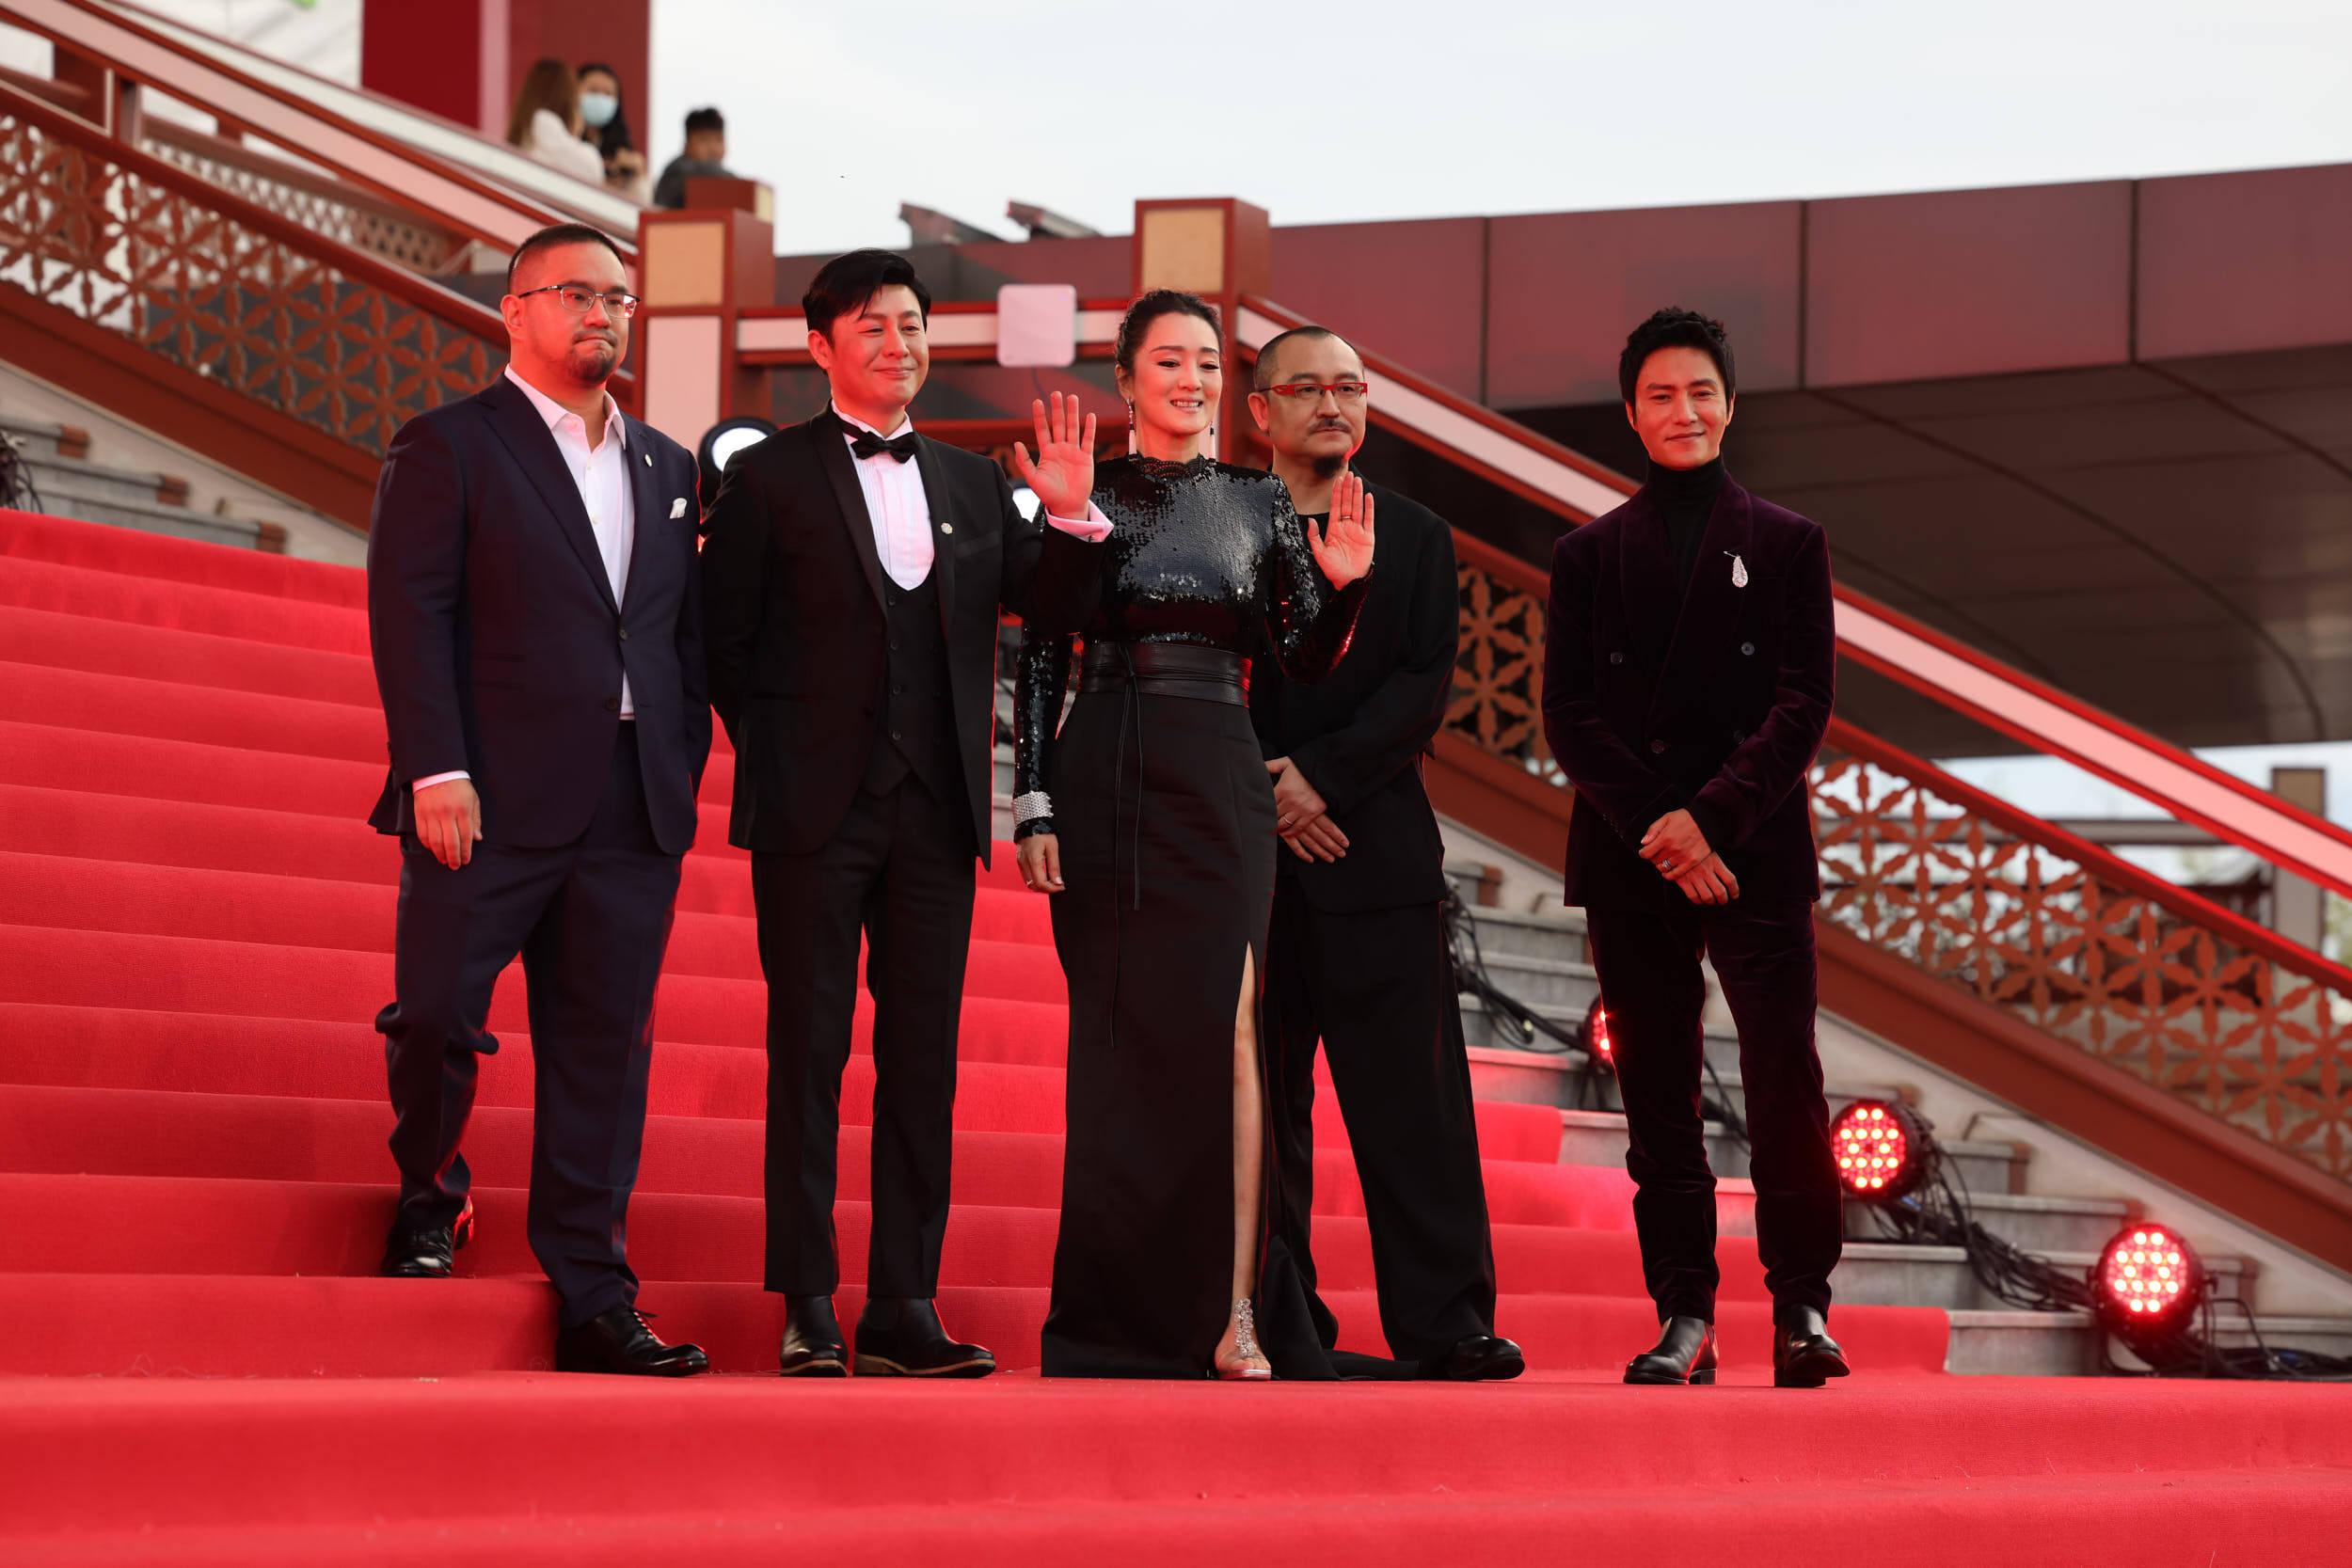 200多位嘉宾亮相第十一届北影节红毯仪式